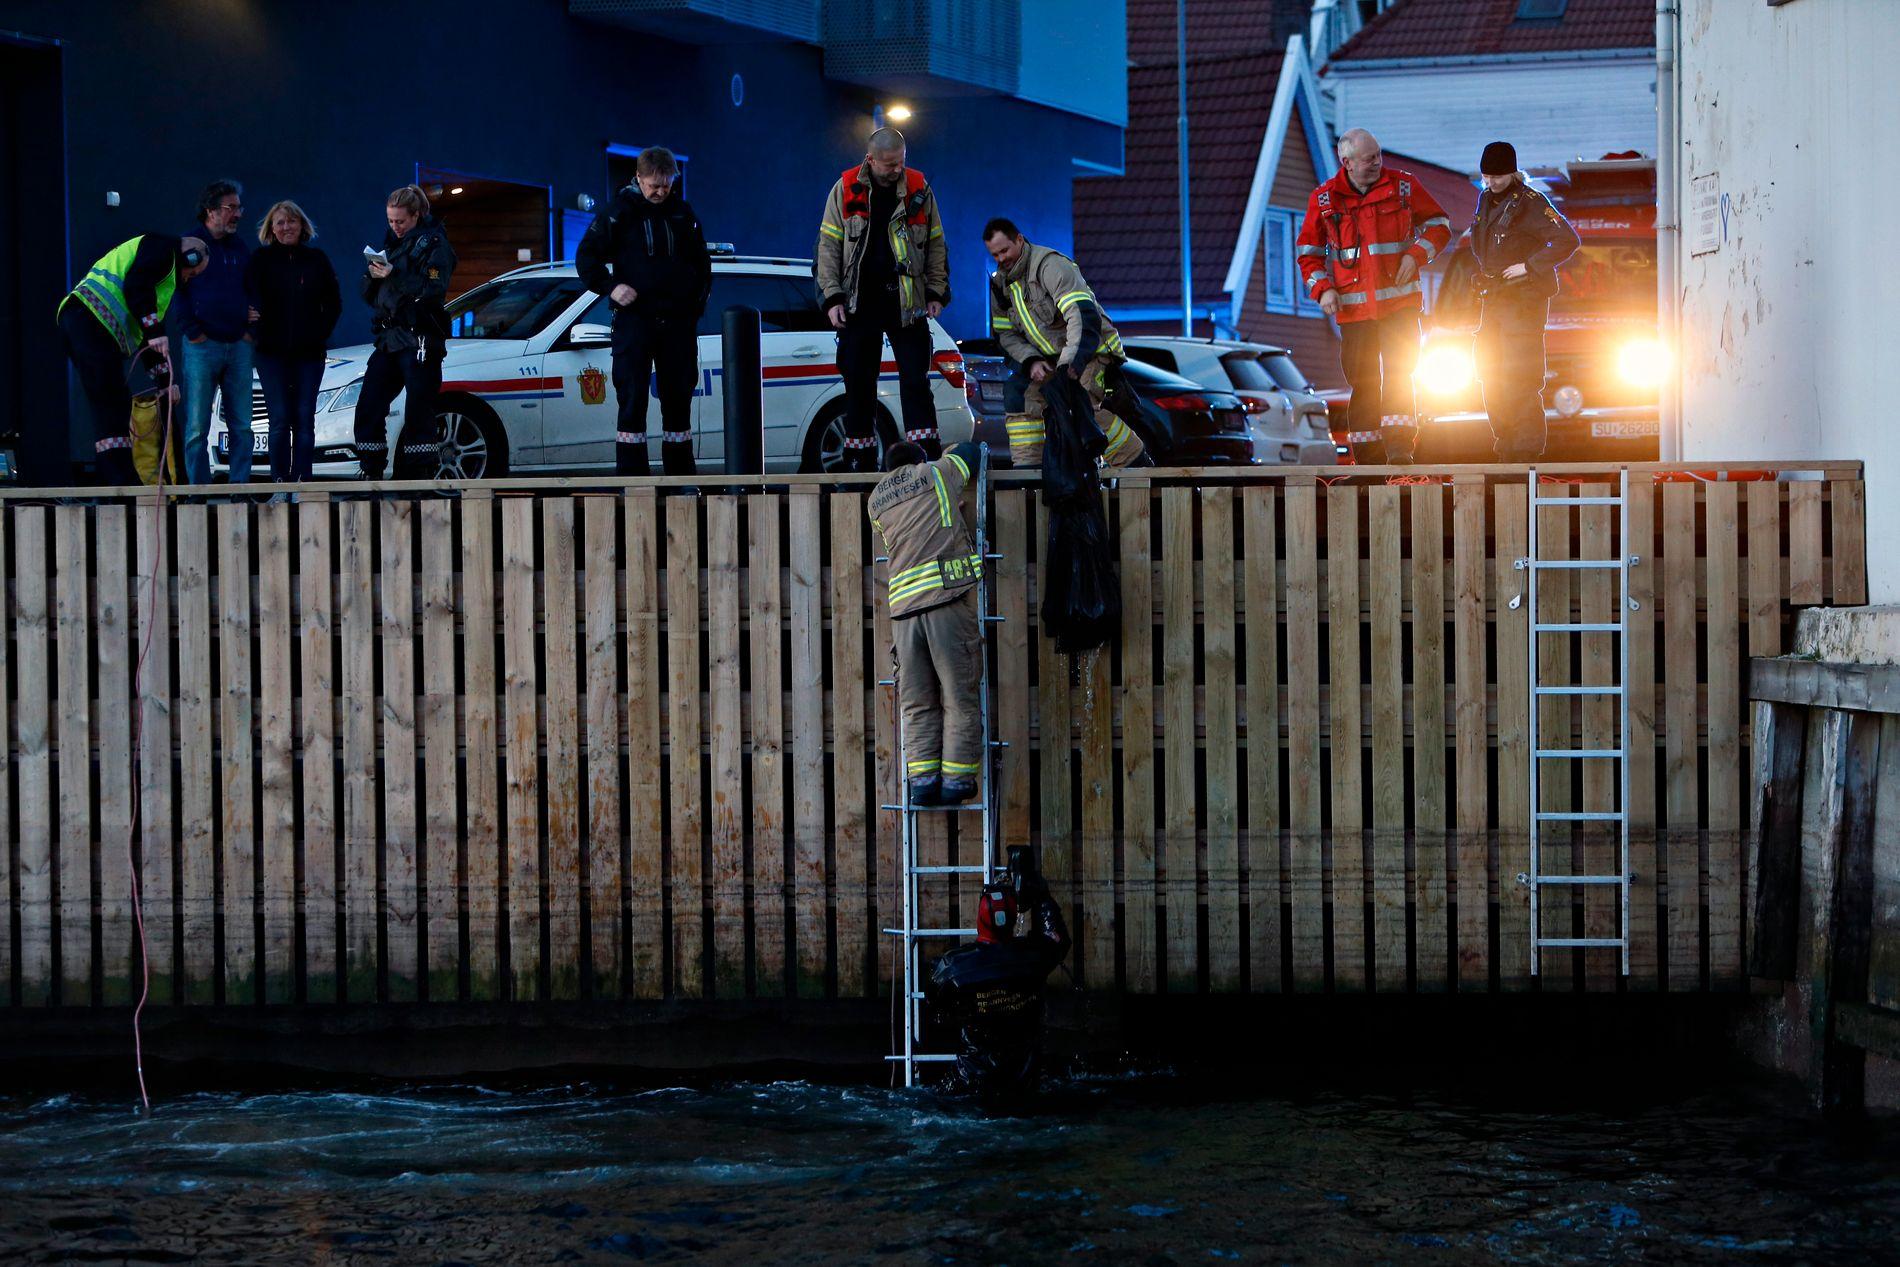 REDDET: Fredag kveld falt en mann i sjøen ved Nøstet. Kjersti Kismul og mannen Knut Hansen (oppe til venstre i bildet) oppdaget mannen utenfor vinduet og løp ut med en redningsbøye.